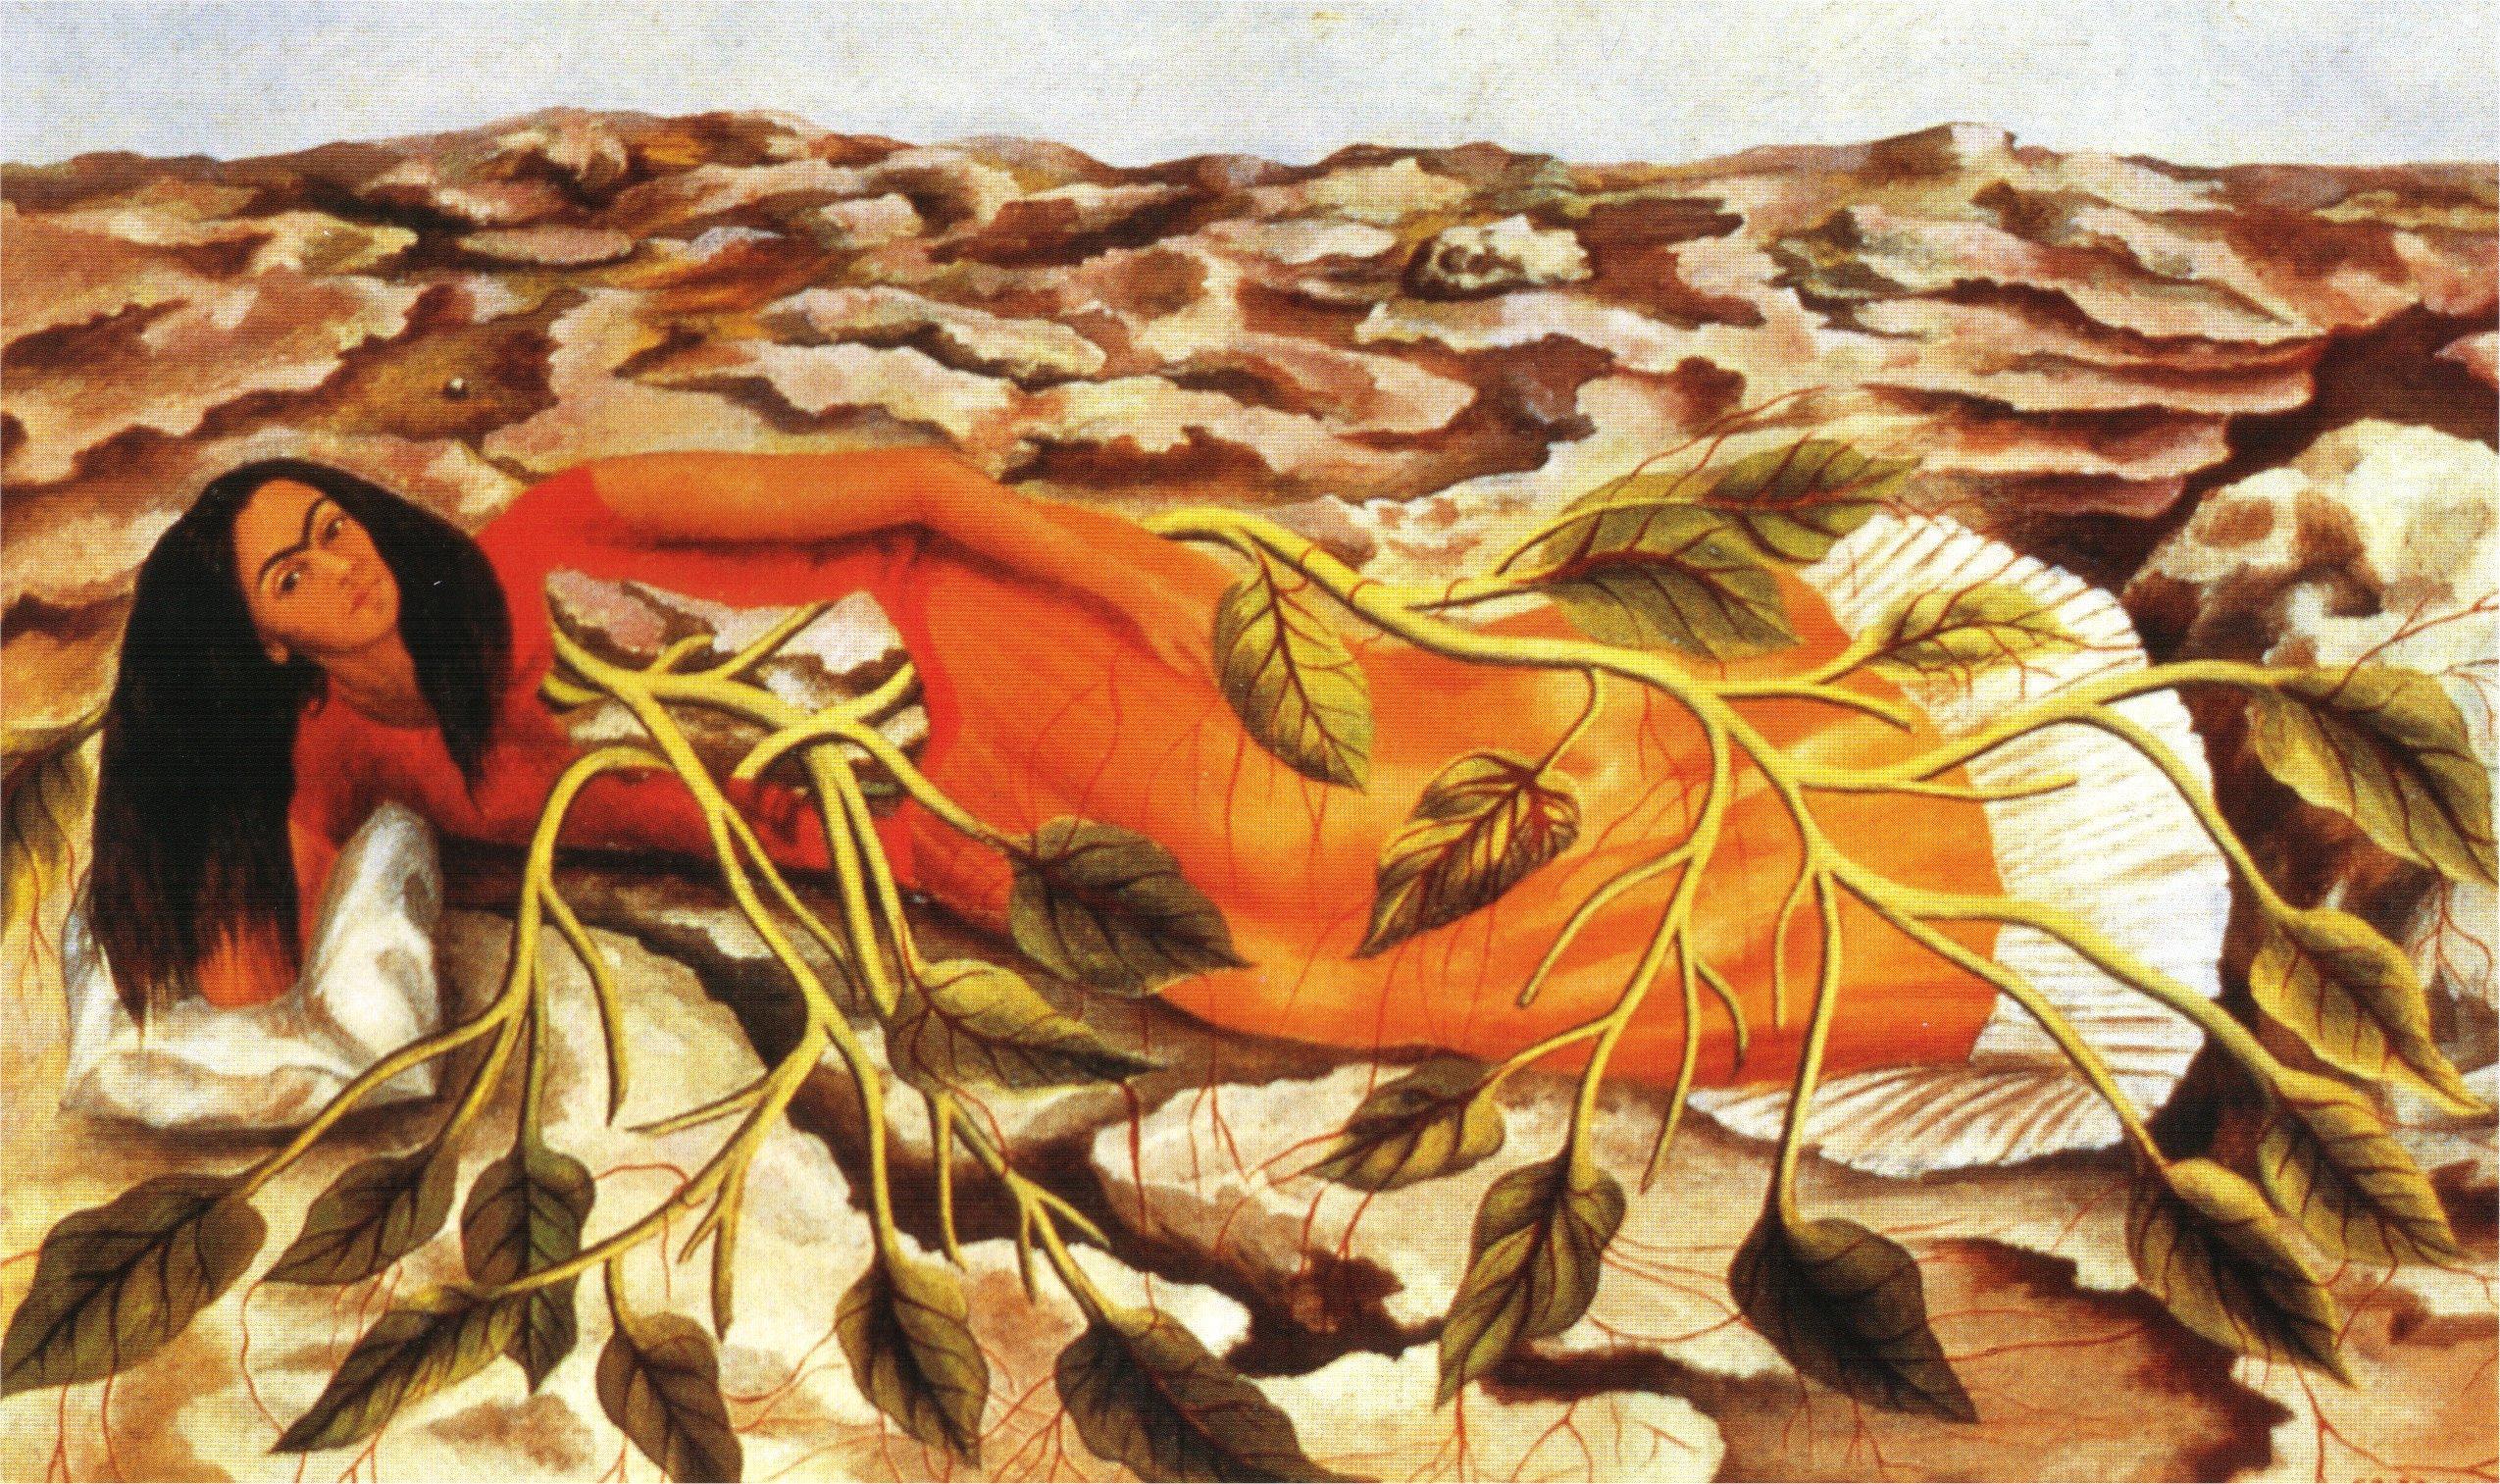 Выставка «Фрида Кало. Живопись играфика изсобраний Мексики»